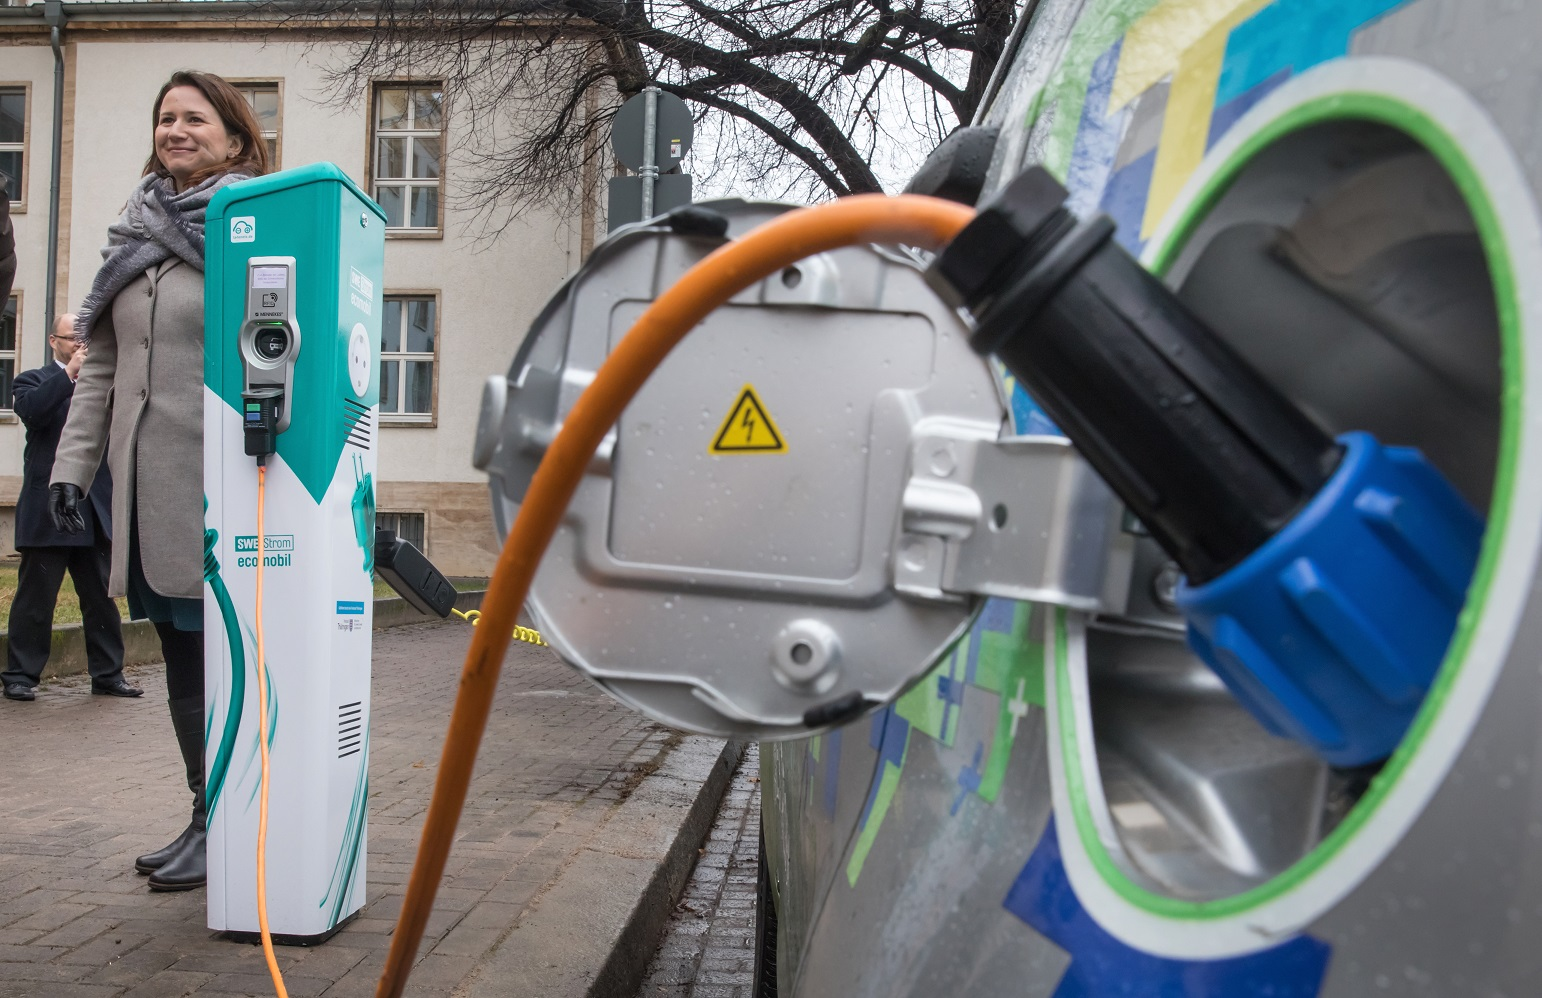 Para que a meta seja alcançada, até 2050 70% dos carros do mundo deveriam ser elétricos. Foto Arifoto Ug/DPA